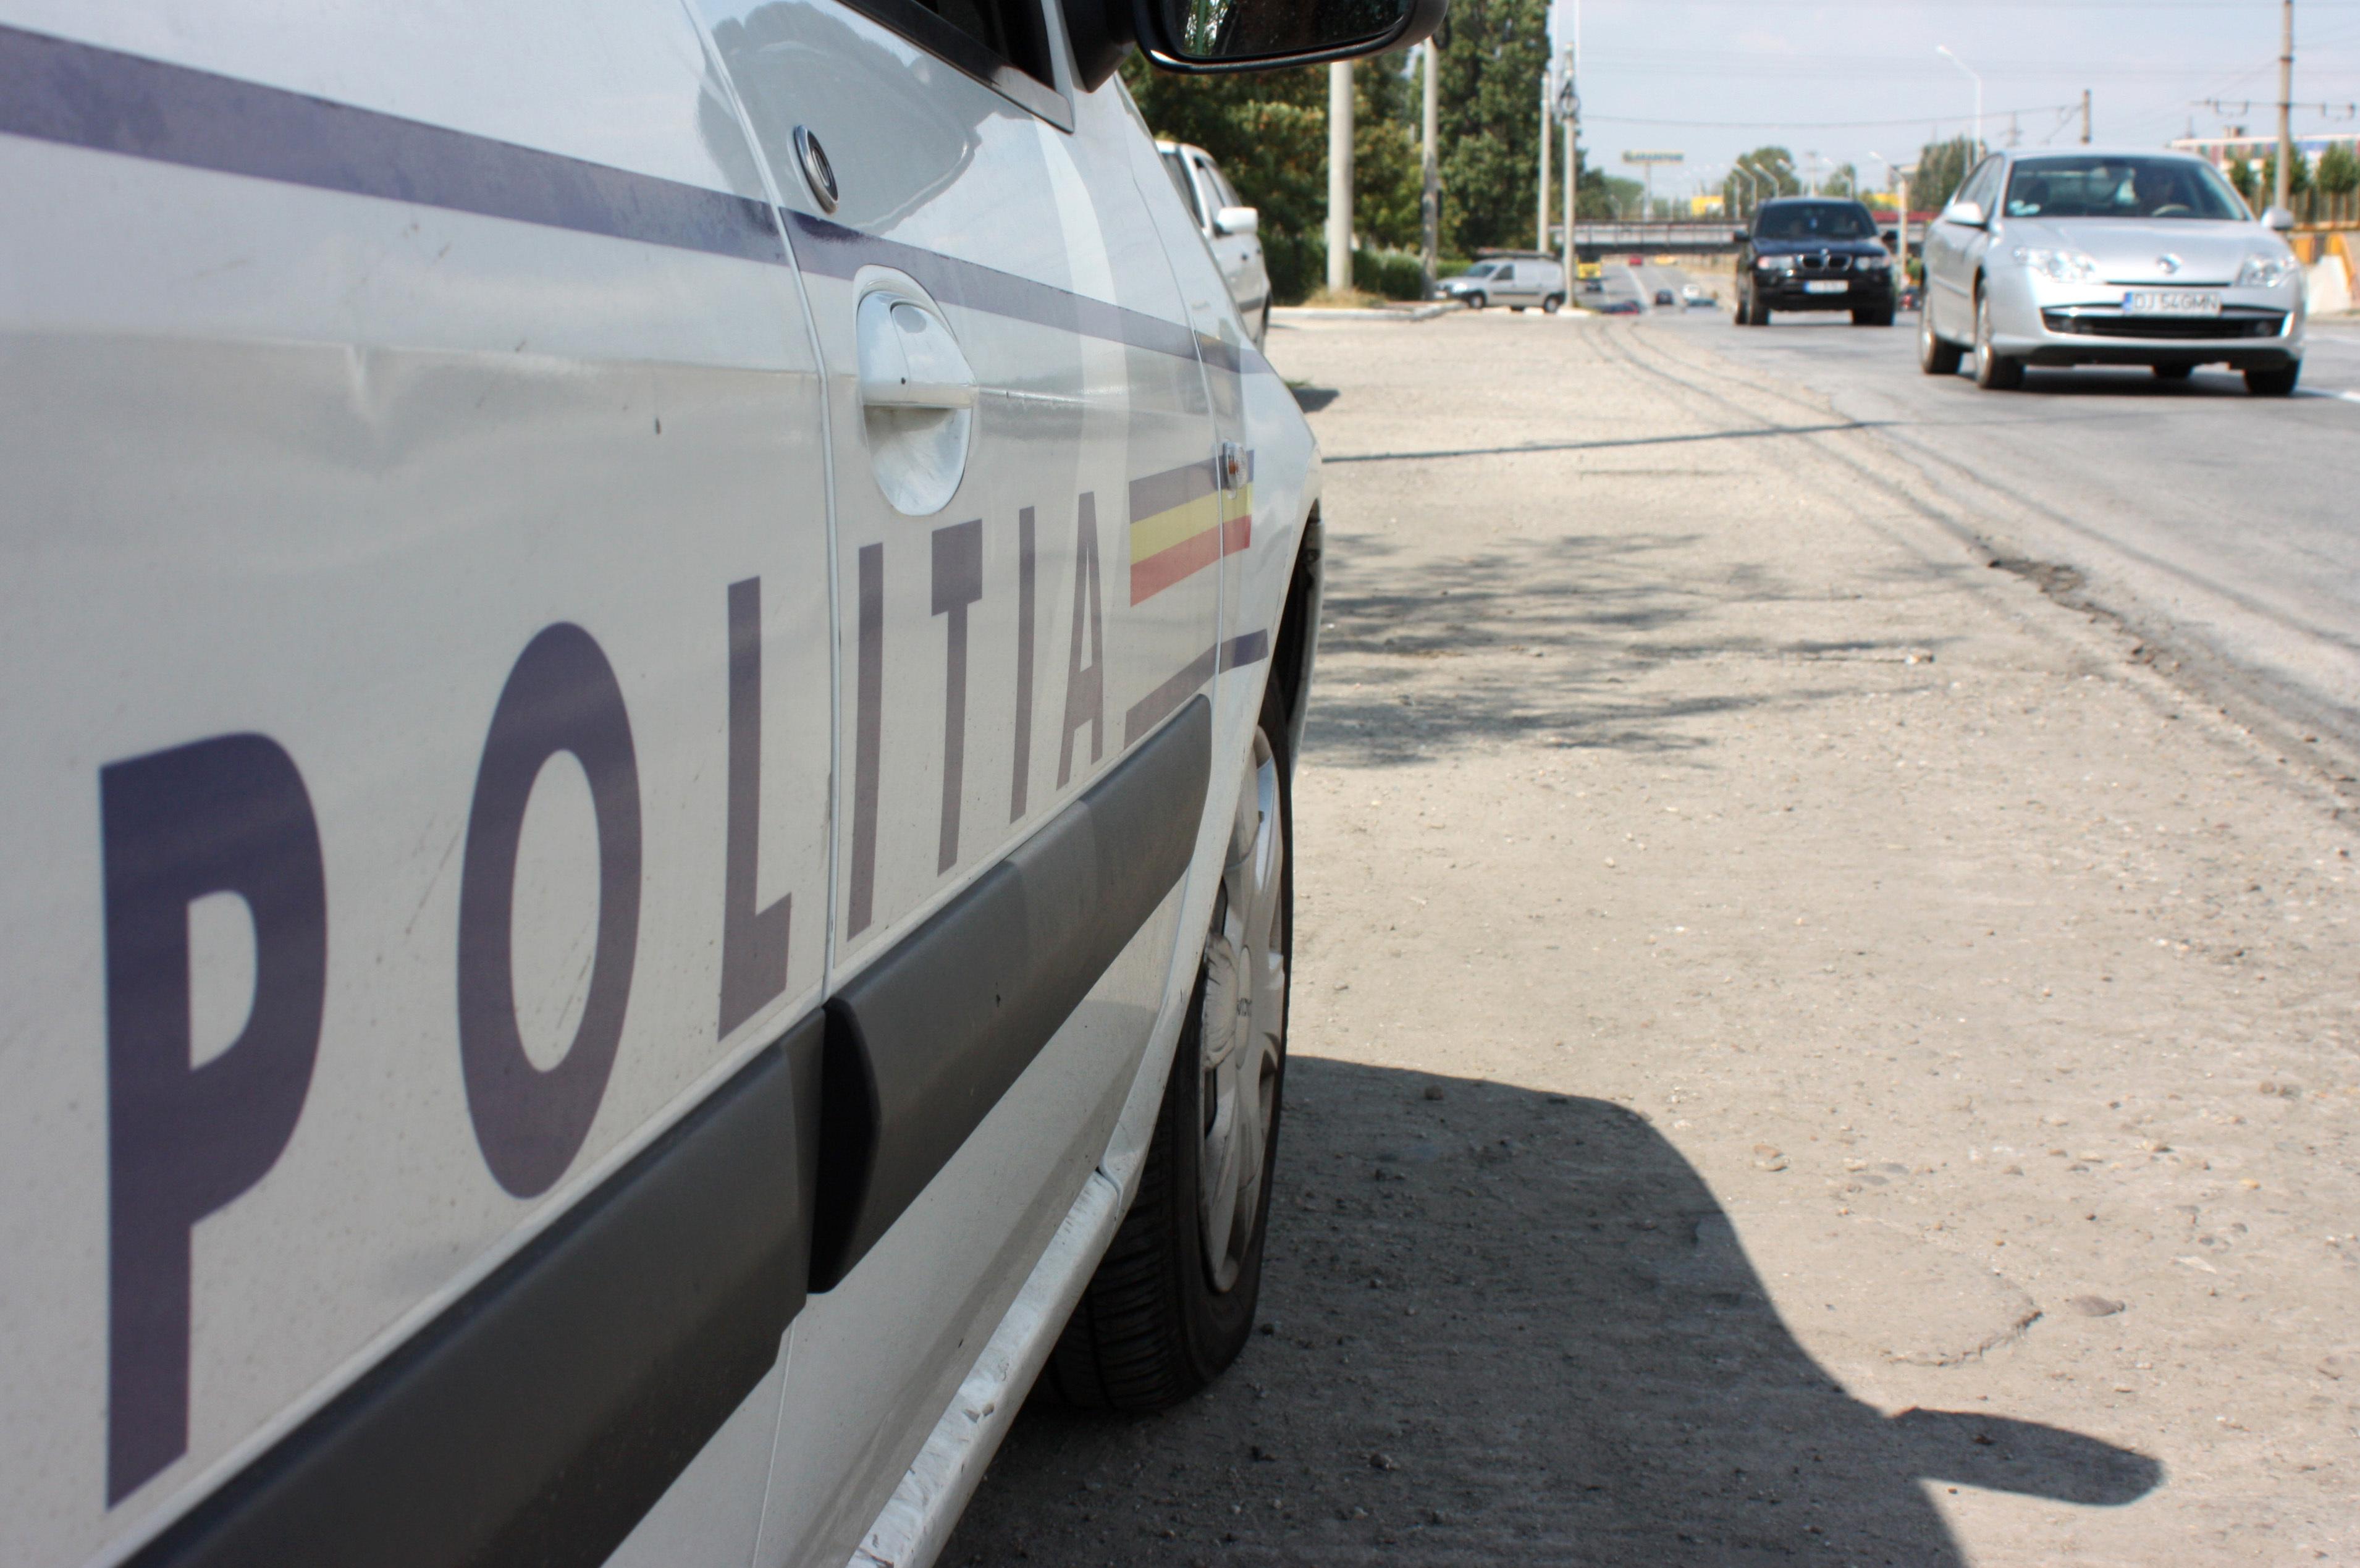 Un bărbat a lovit cu maşina un poliţist aflat într-o acţiune de depistare a şoferilor care circulă cu viteză excesivă, în Dolj. Omul legii a ajuns la spital